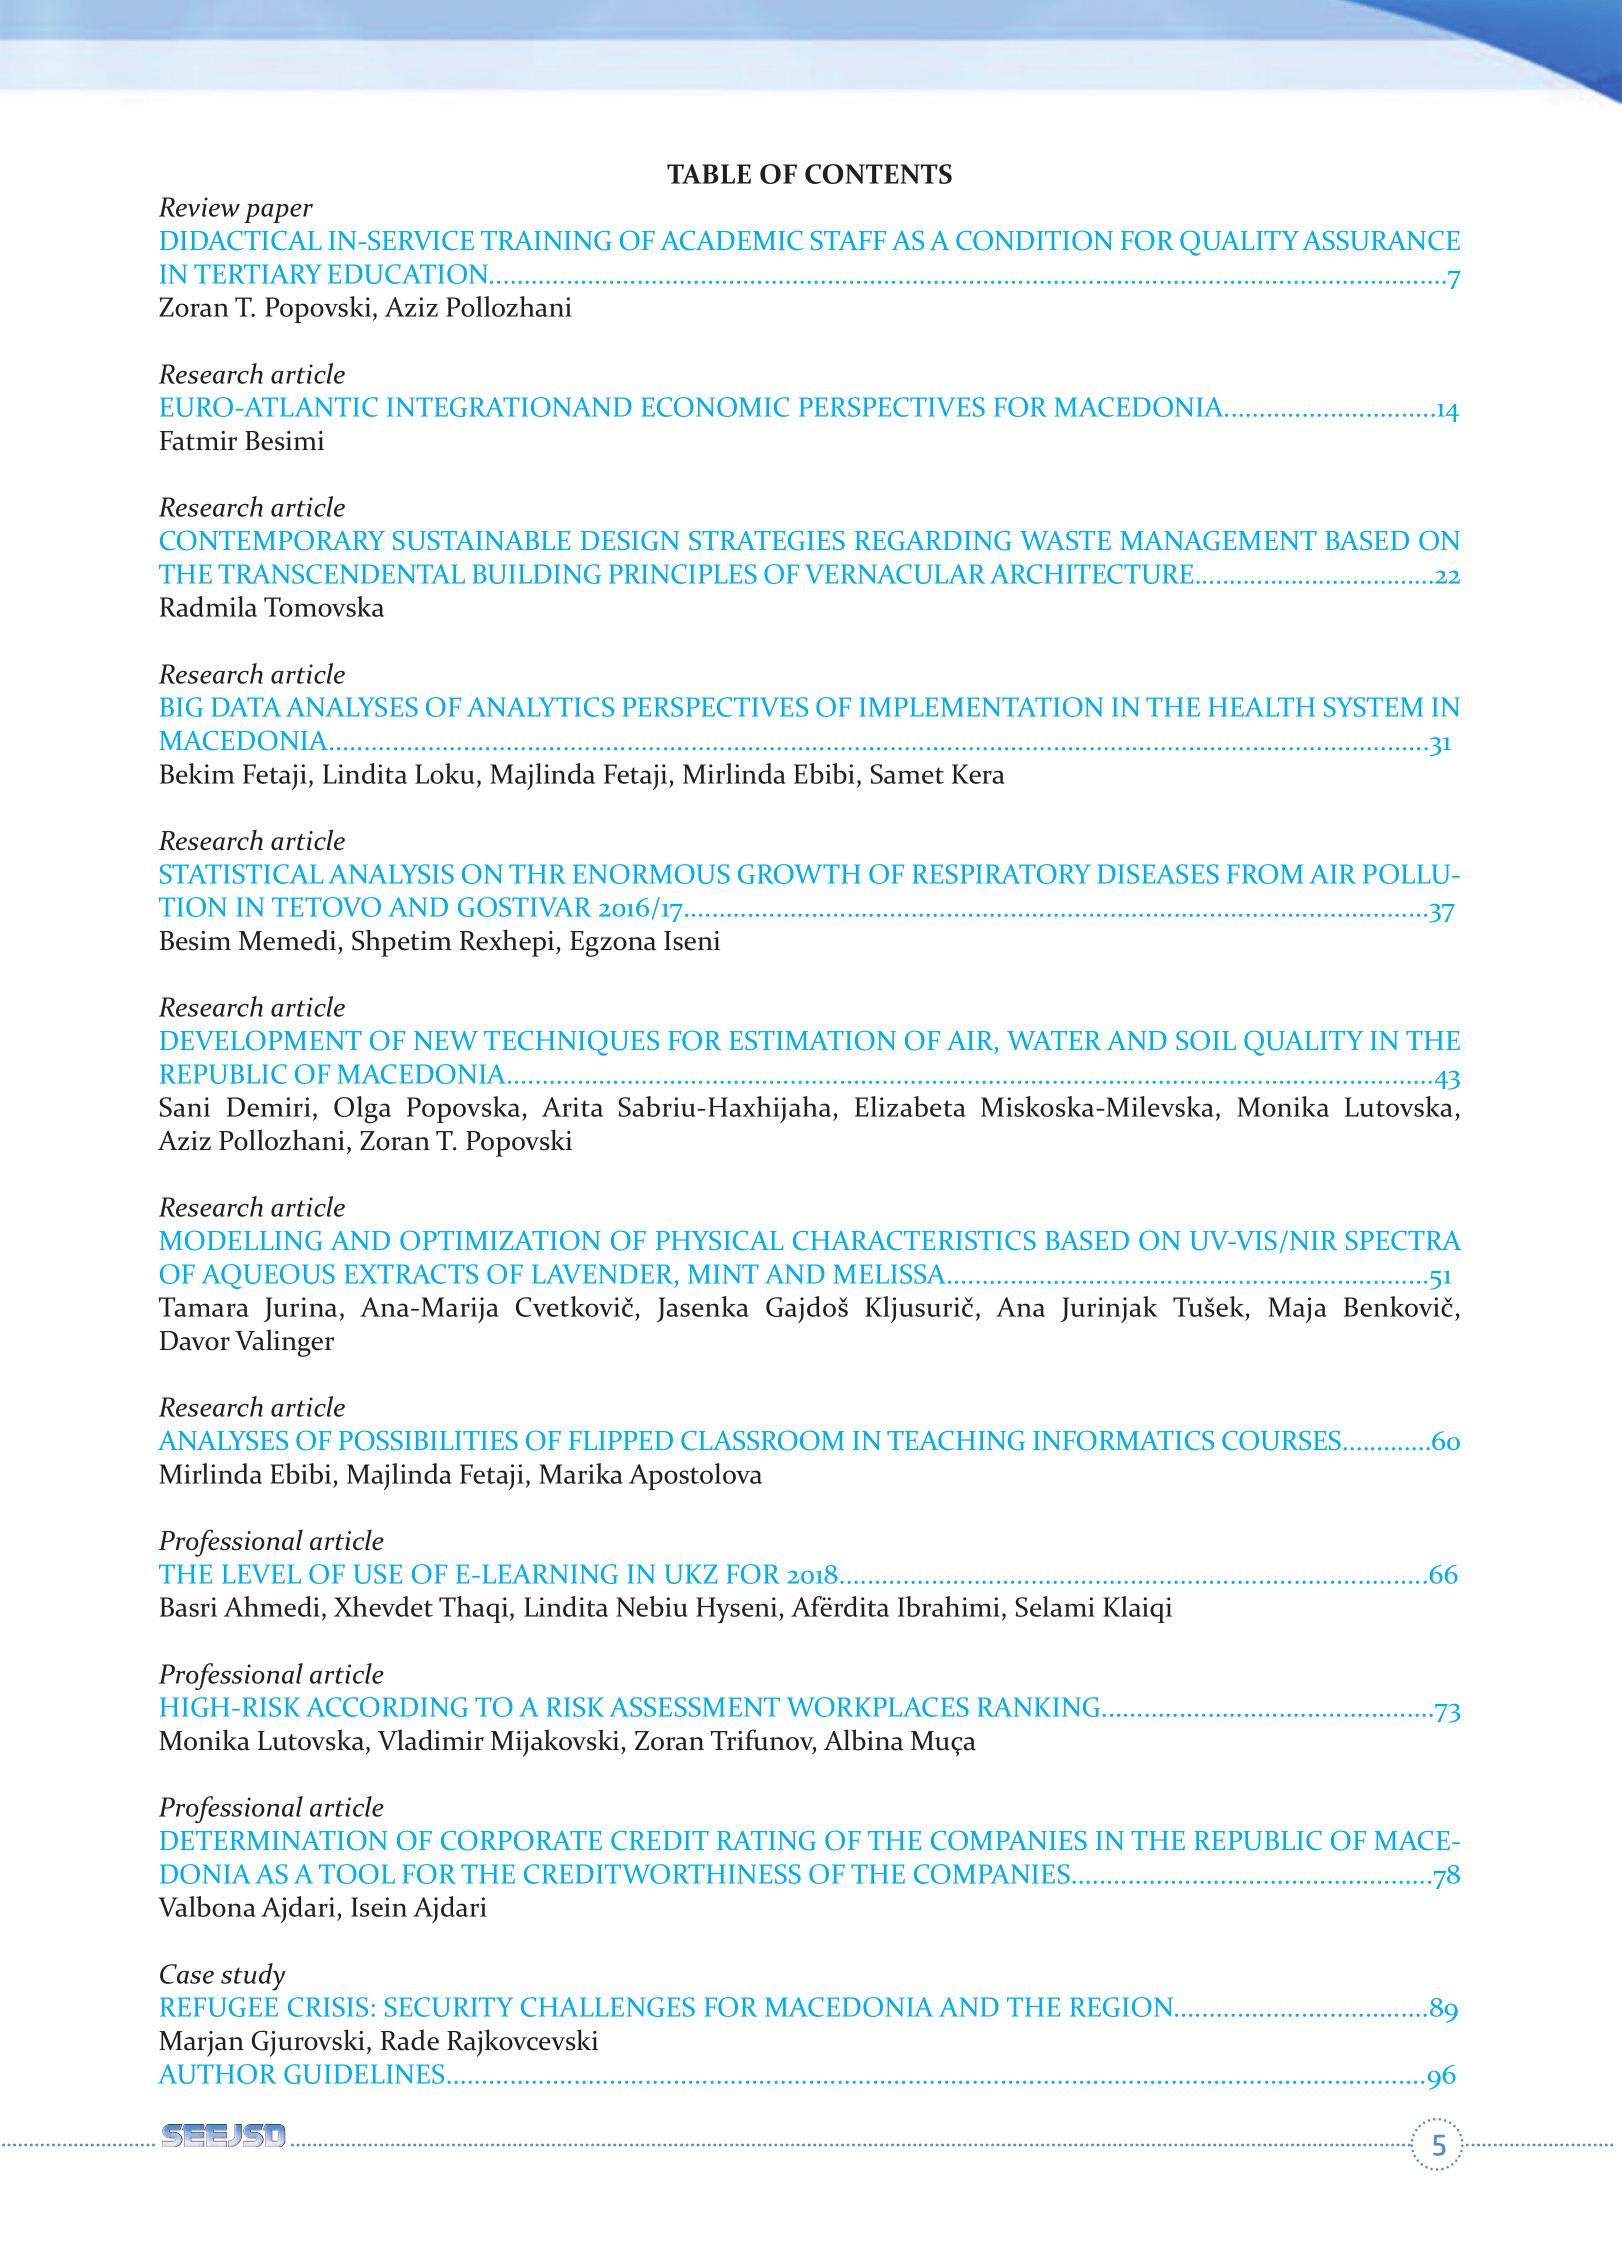 SEEJSD - Vol 3 2019 finale-005